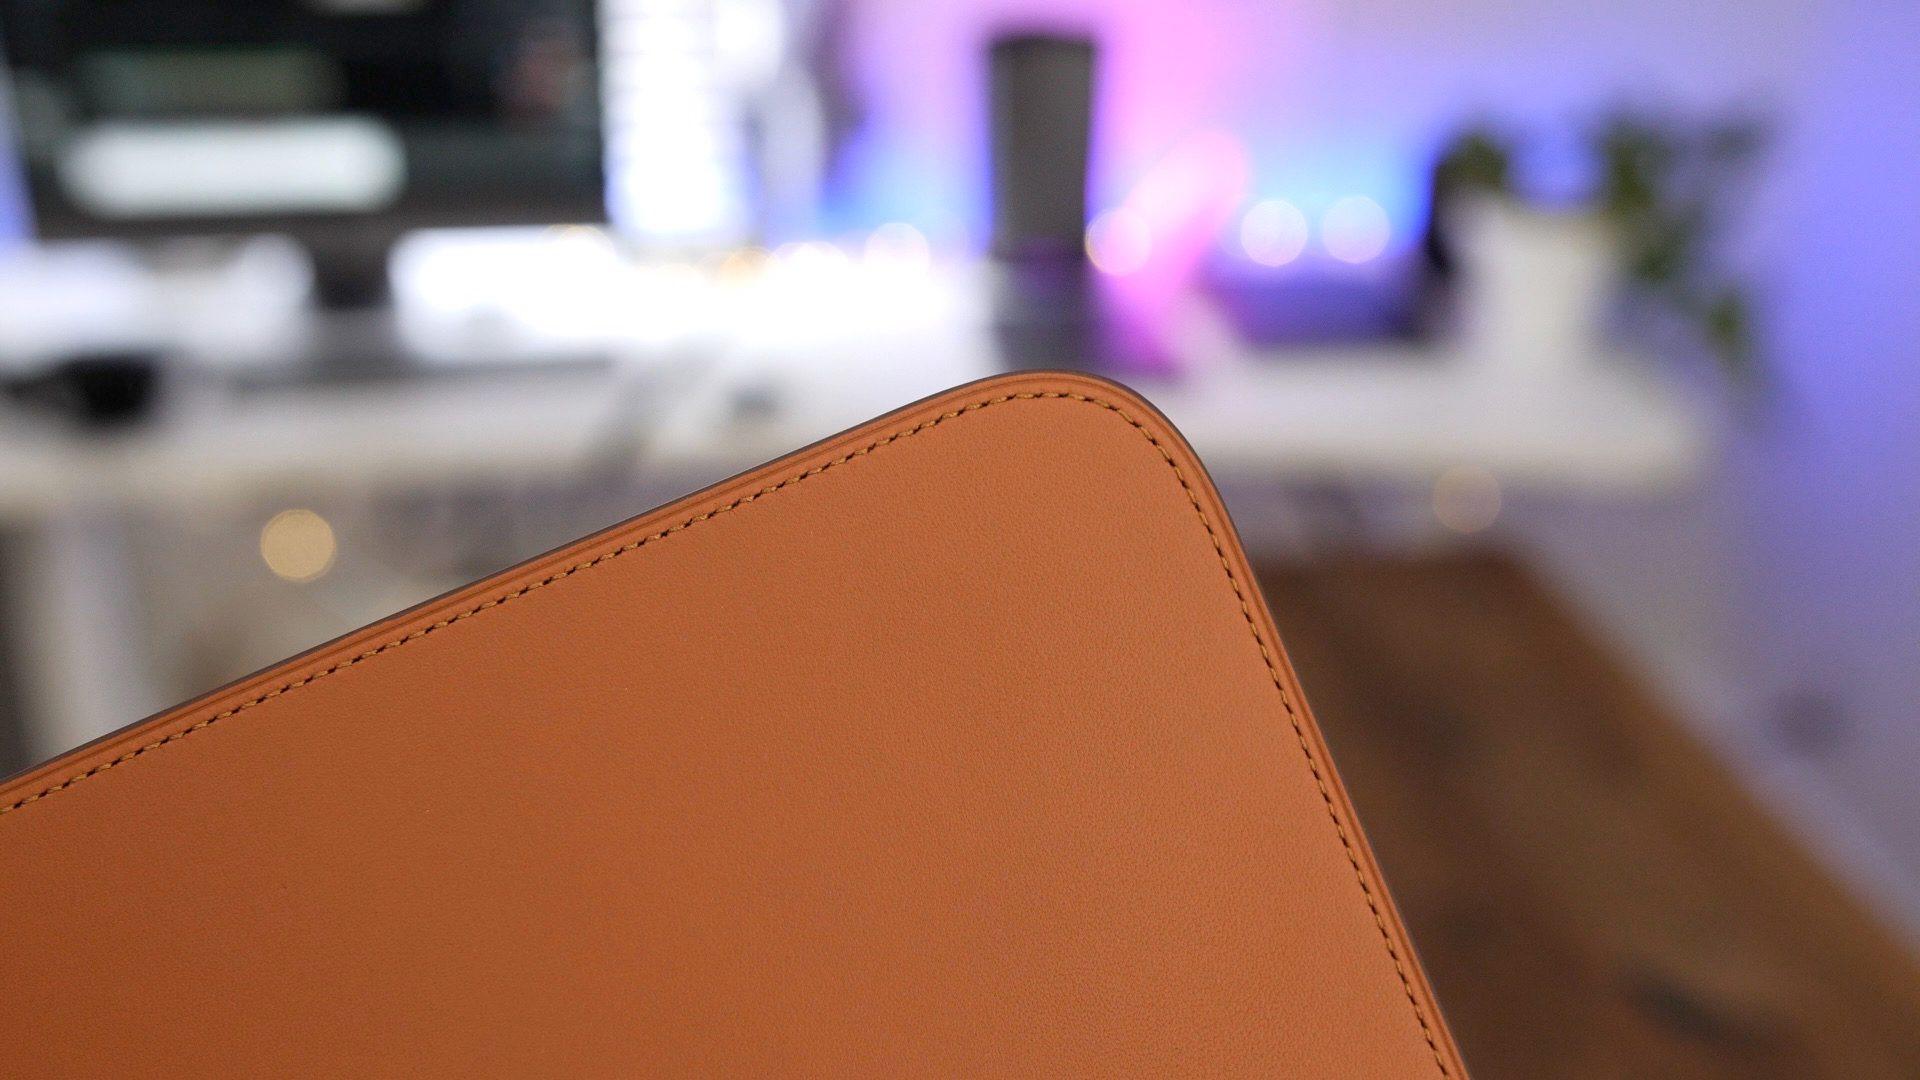 túi chống sốc macbook pro bằng da của apple